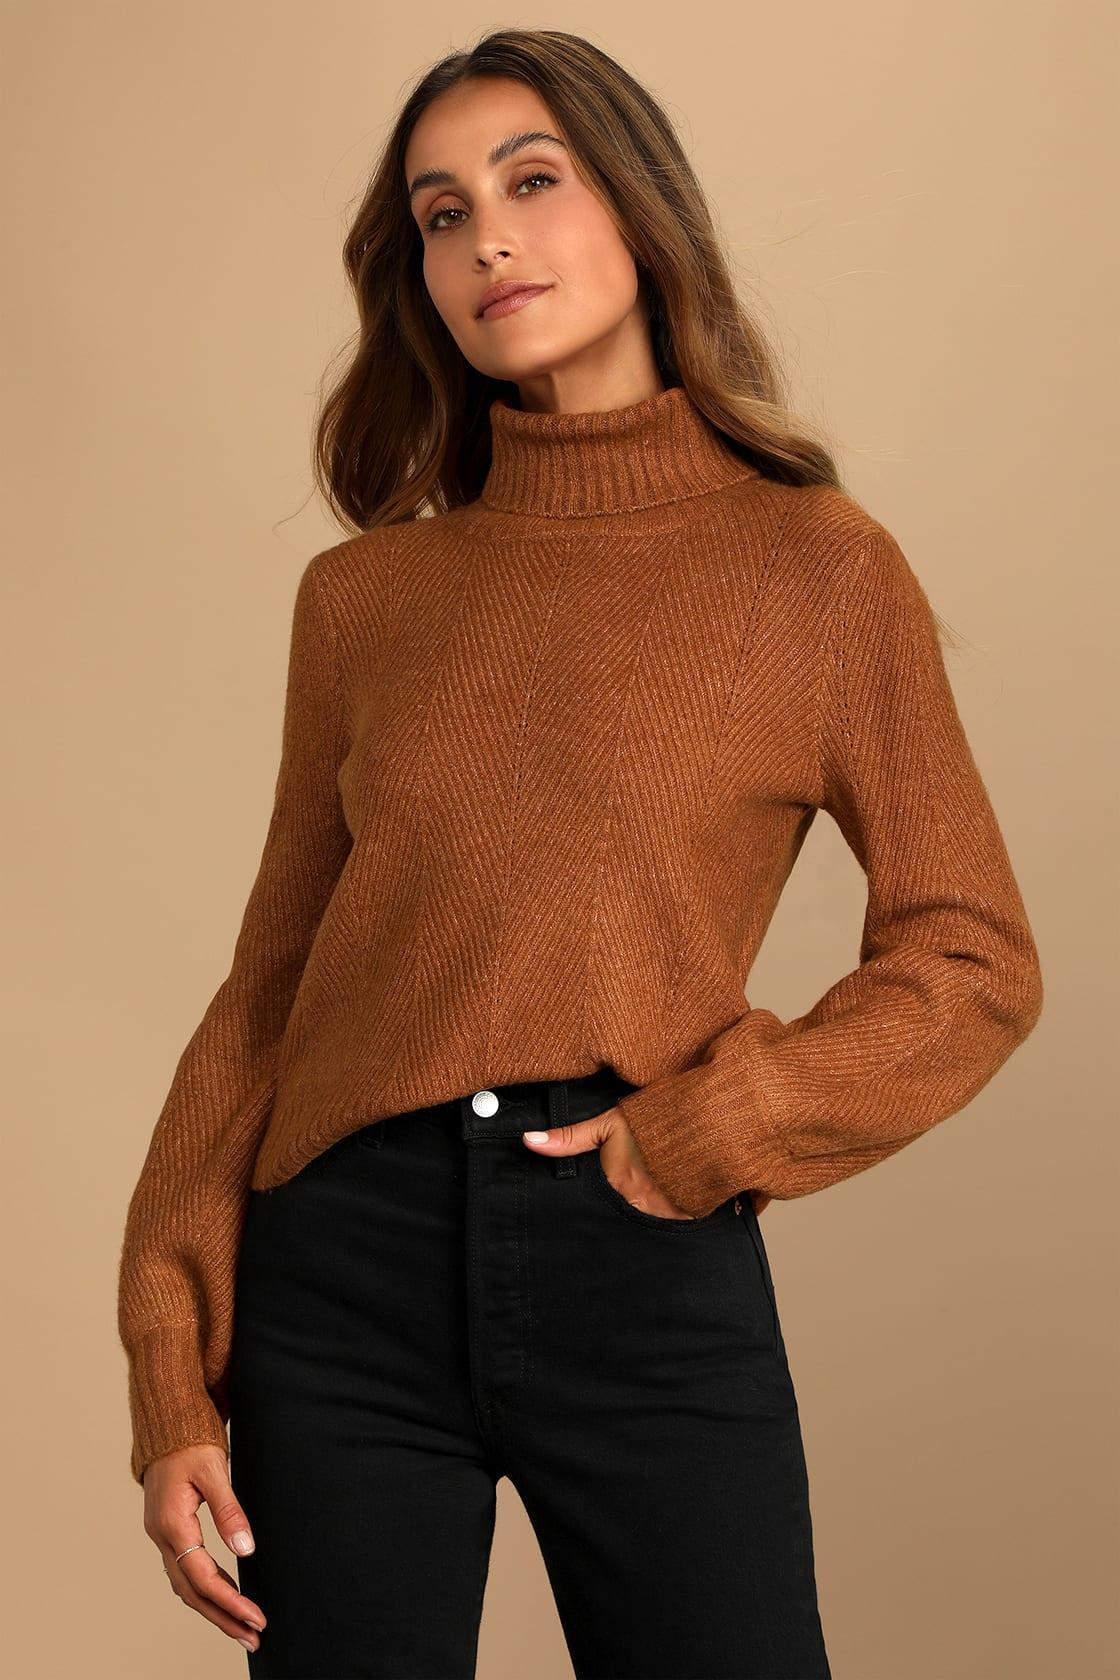 Meet Cozy Rust Orange Knit Long Sleeve Turtleneck Sweater